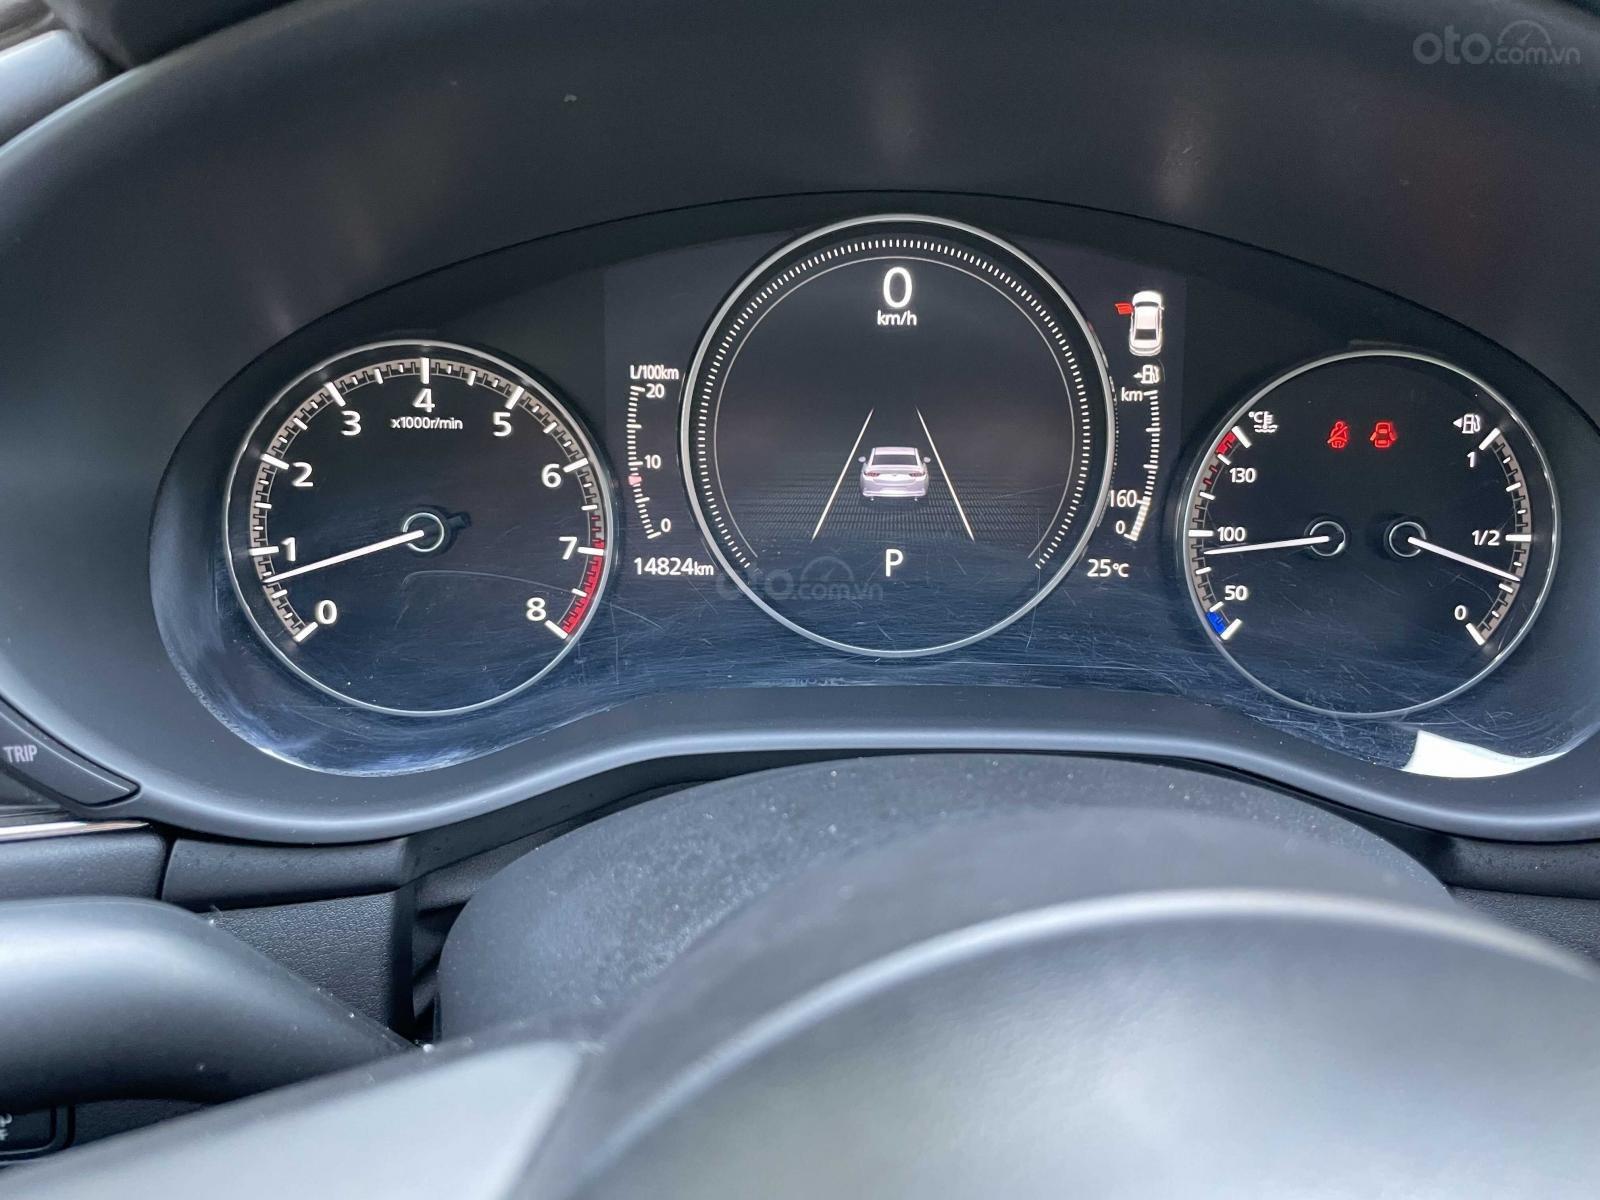 Bán ô tô Mazda 3 đời 2020, màu đỏ còn mới giá tốt 722 triệu đồng (8)